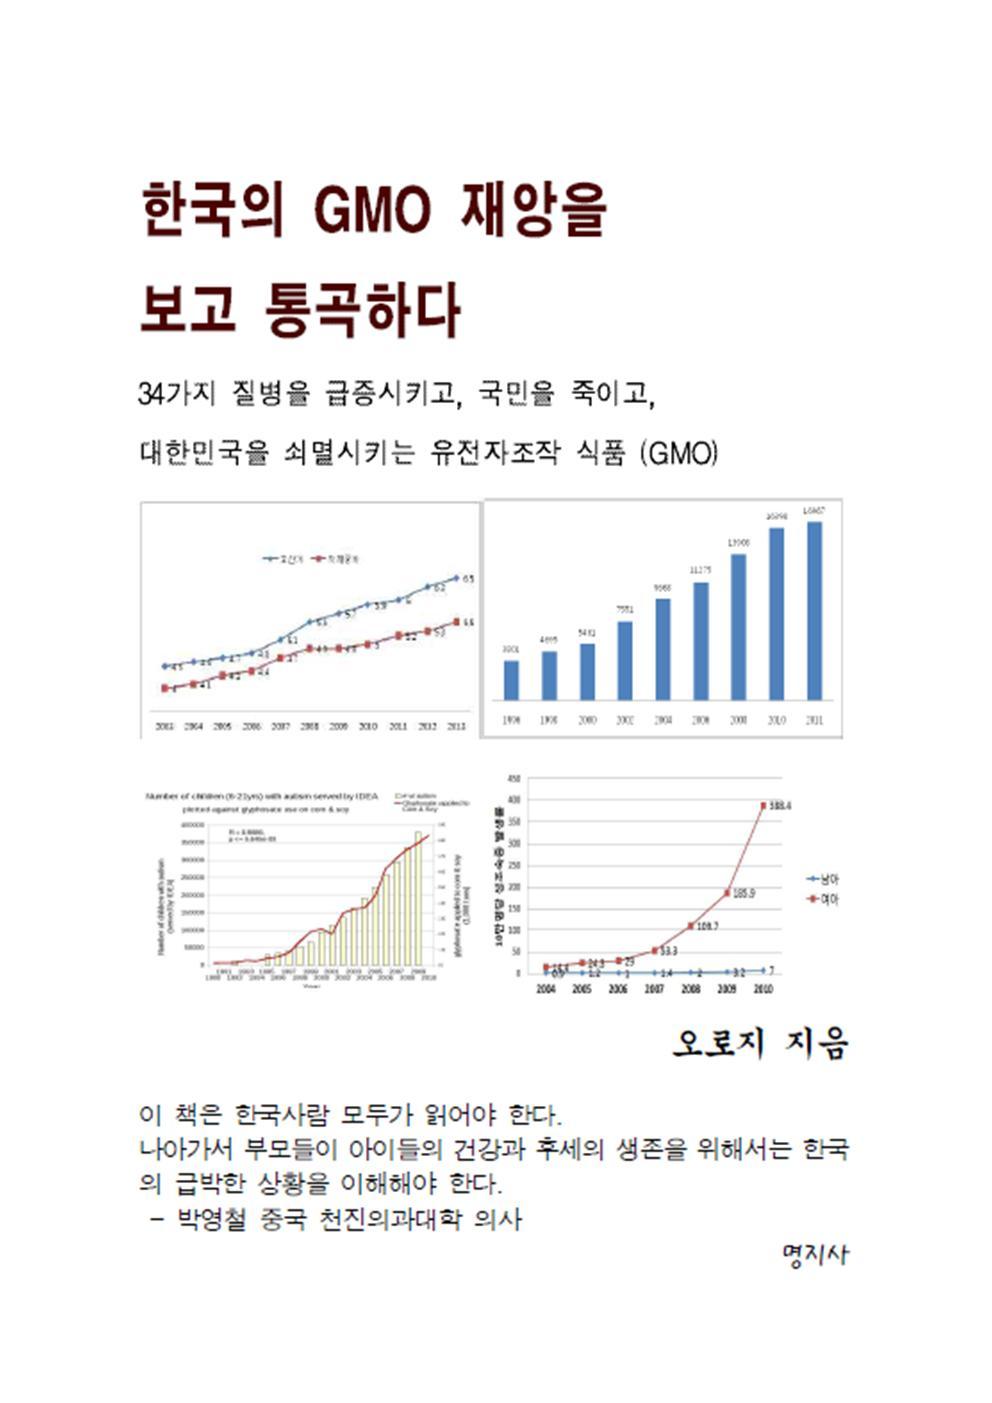 151112_한국의 GMO재앙을 보고 통곡하다_첫장001.jpg